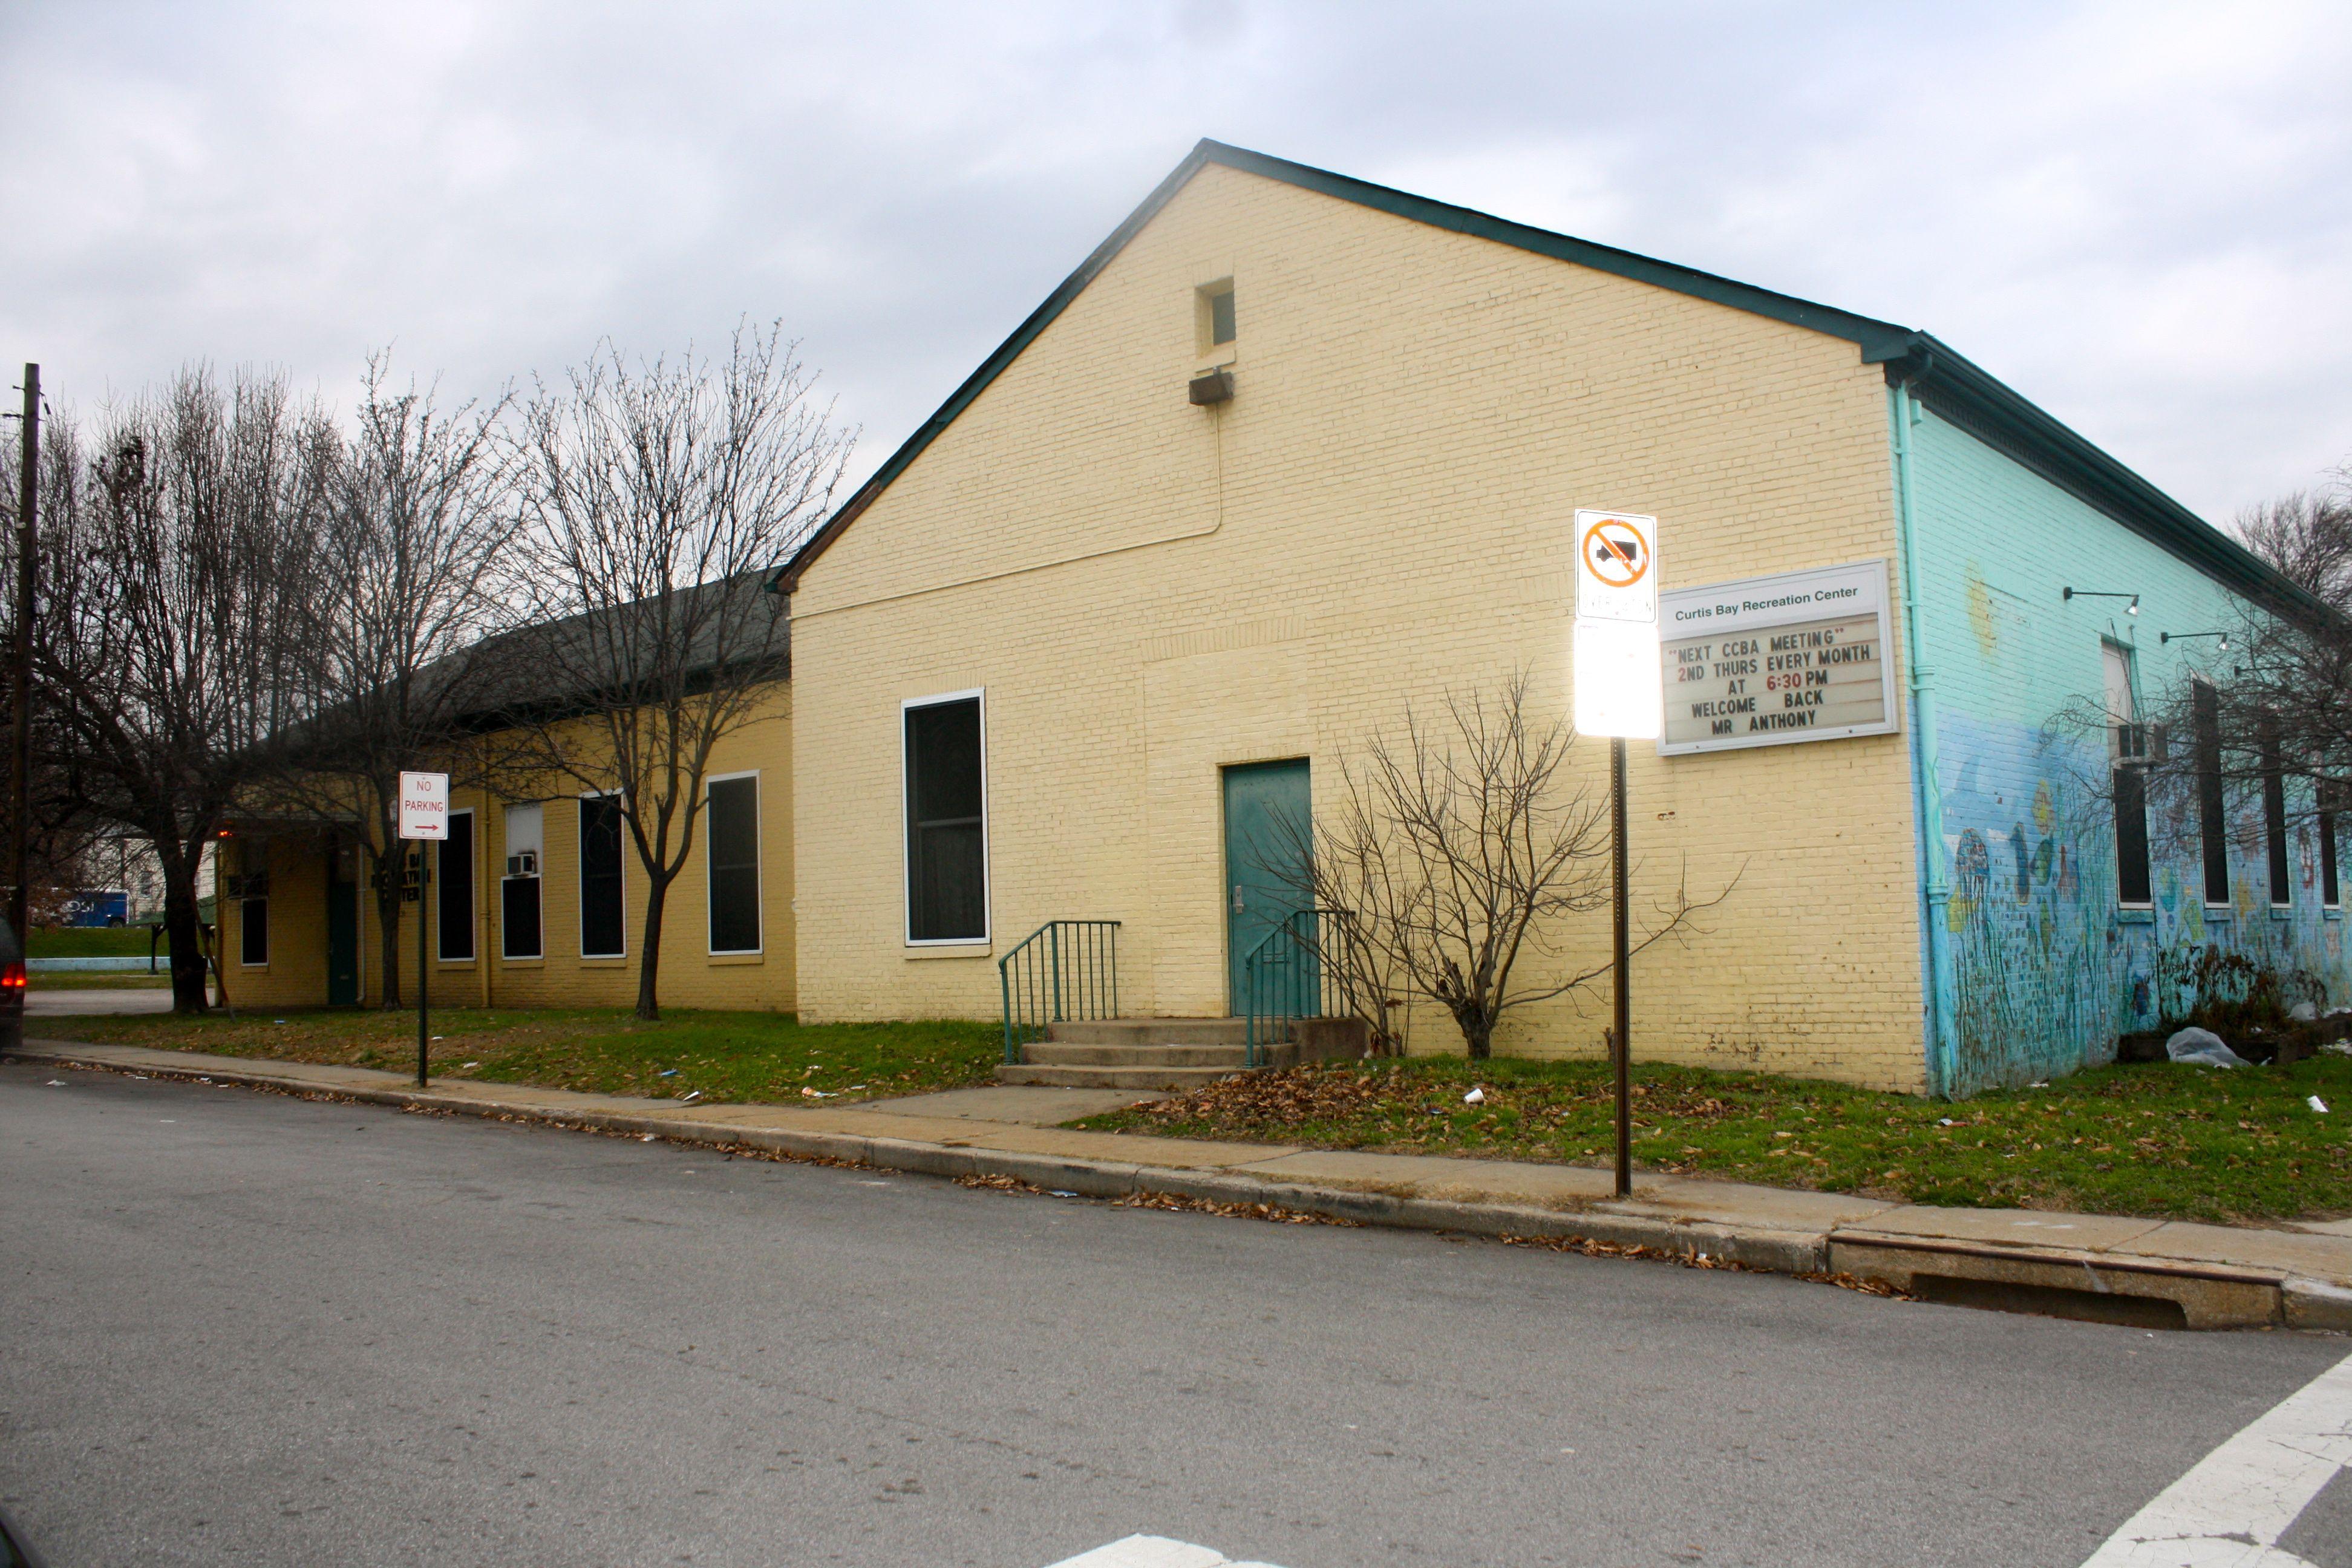 Curtis Bay Recreation Center